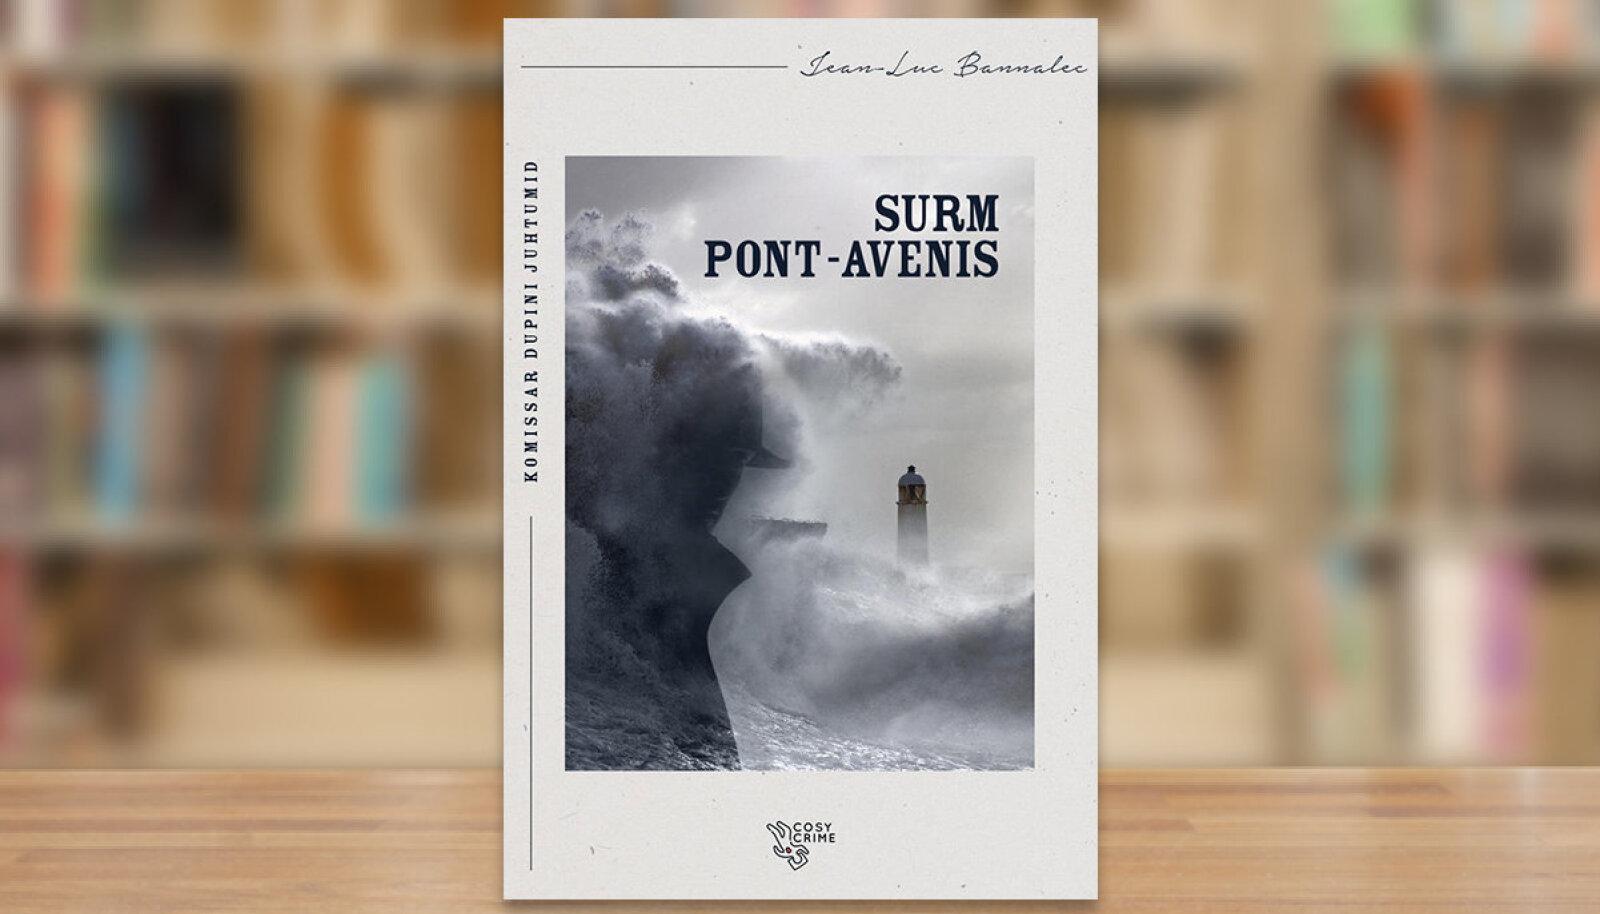 Surm Pon-Avenis.